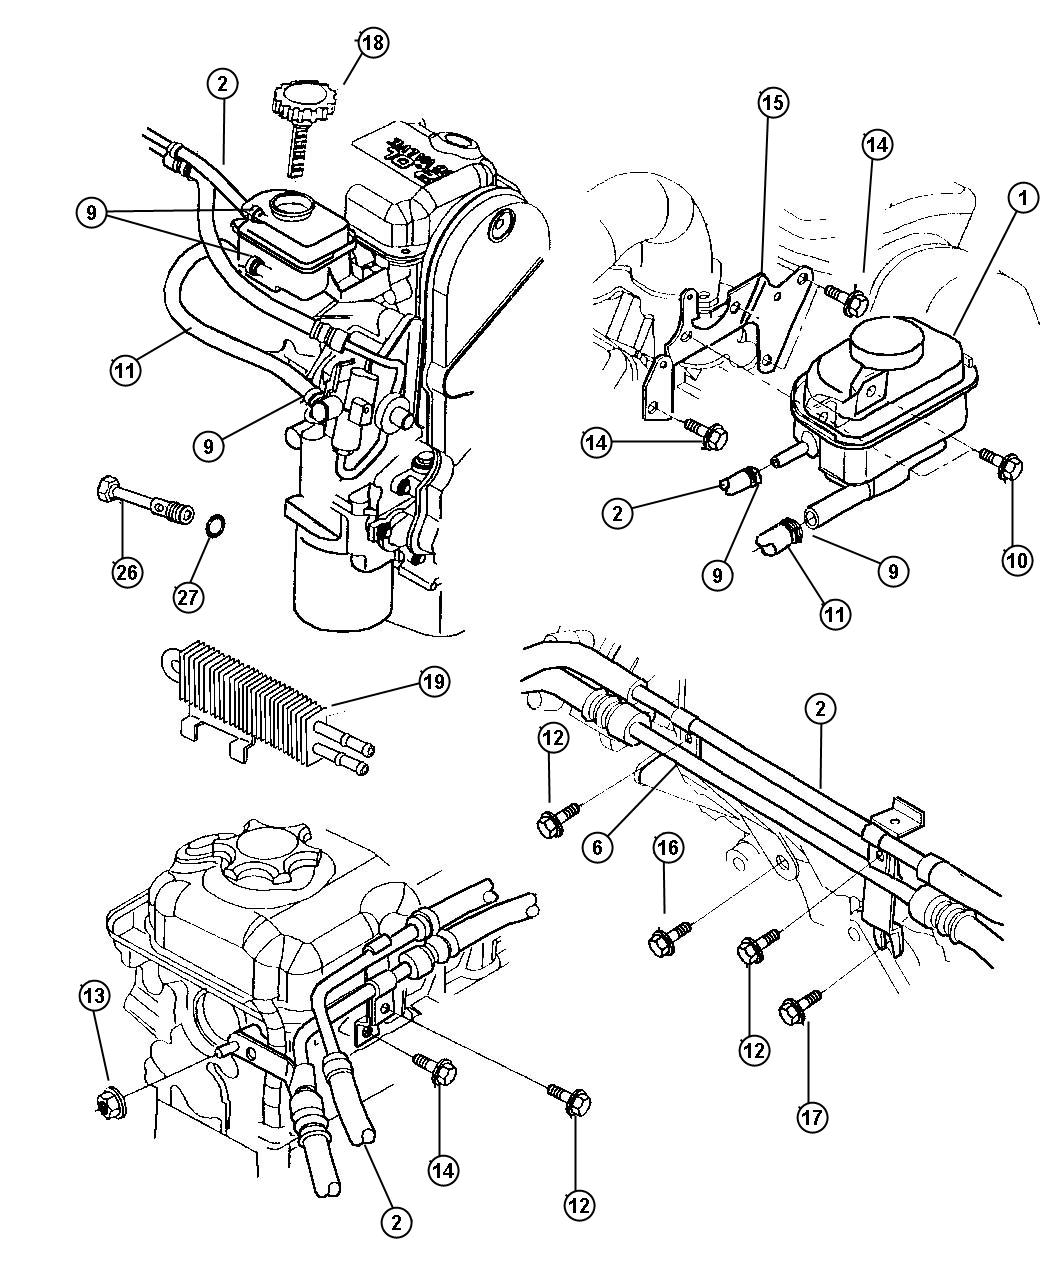 4b2bk Find Tach Signal Remote Starter 2001 Grand Prix moreover Mazda 3 0 V6 Engine Diagram also Mazda 626 Head Gasket Ebay also Mazda Z6 Engine besides 7920CH03 Timing Belt  Sprockets  Tension. on mazda fe dohc engine